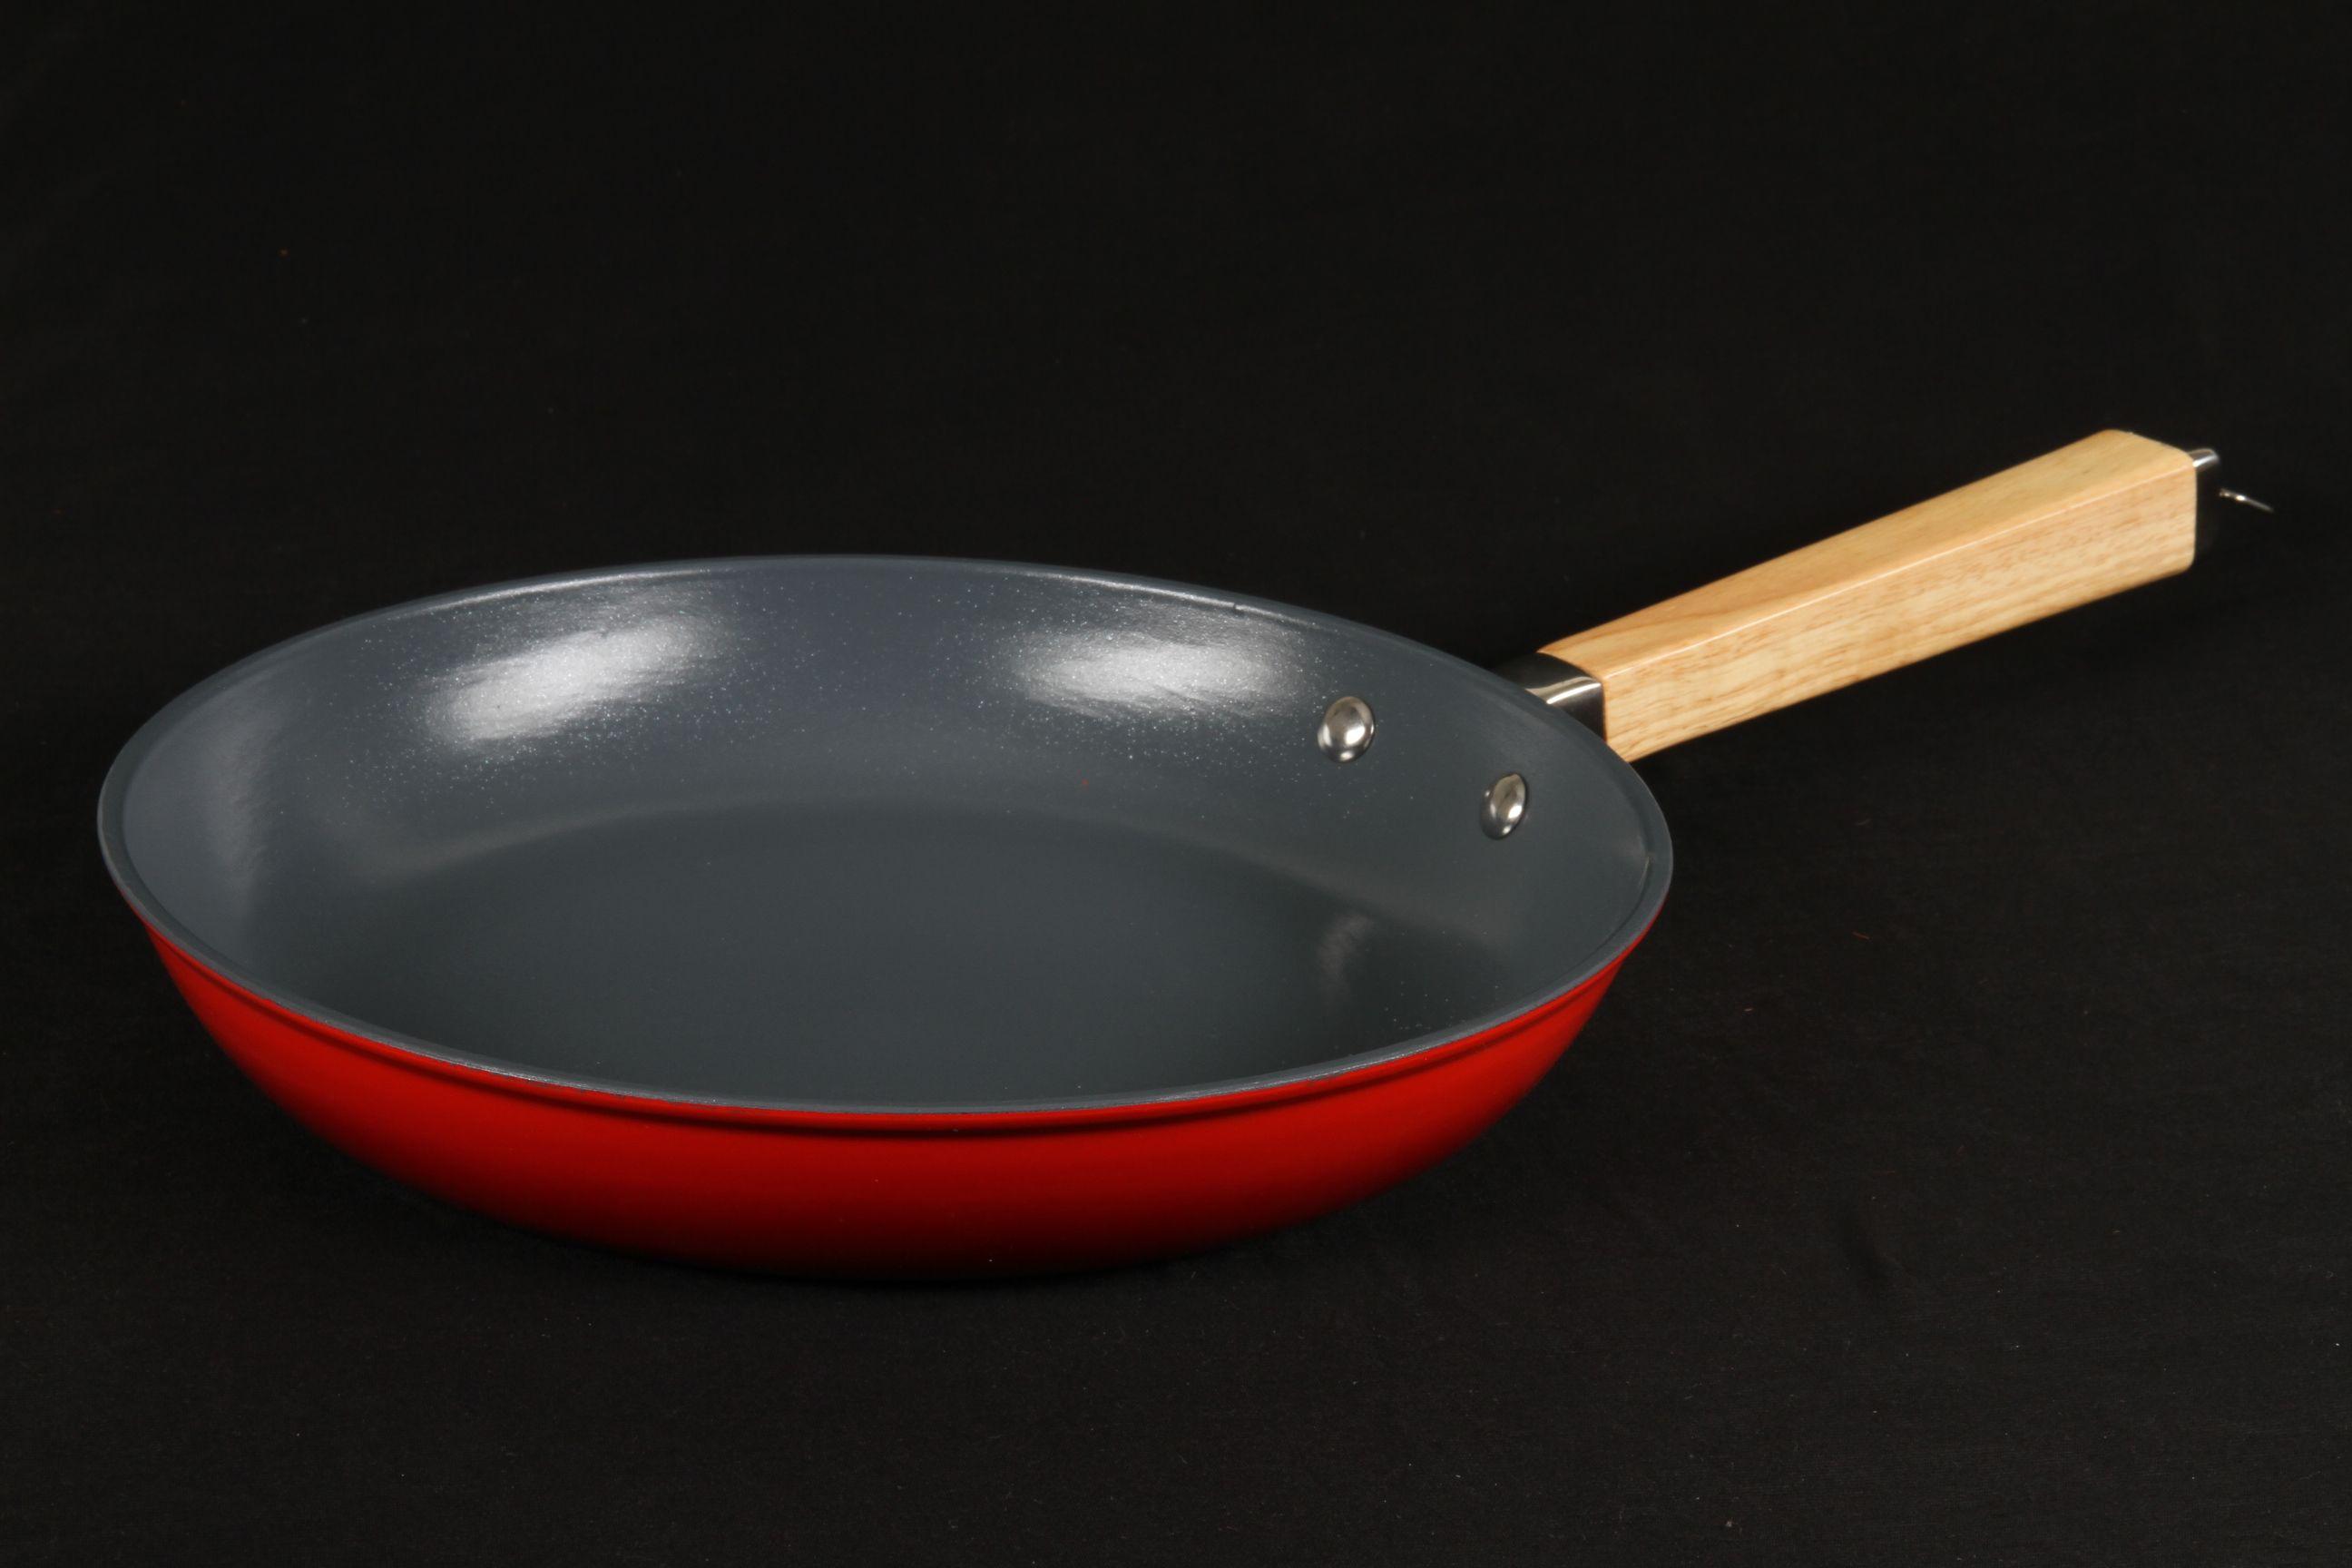 сковорода литой чугун с керамическим покрытием